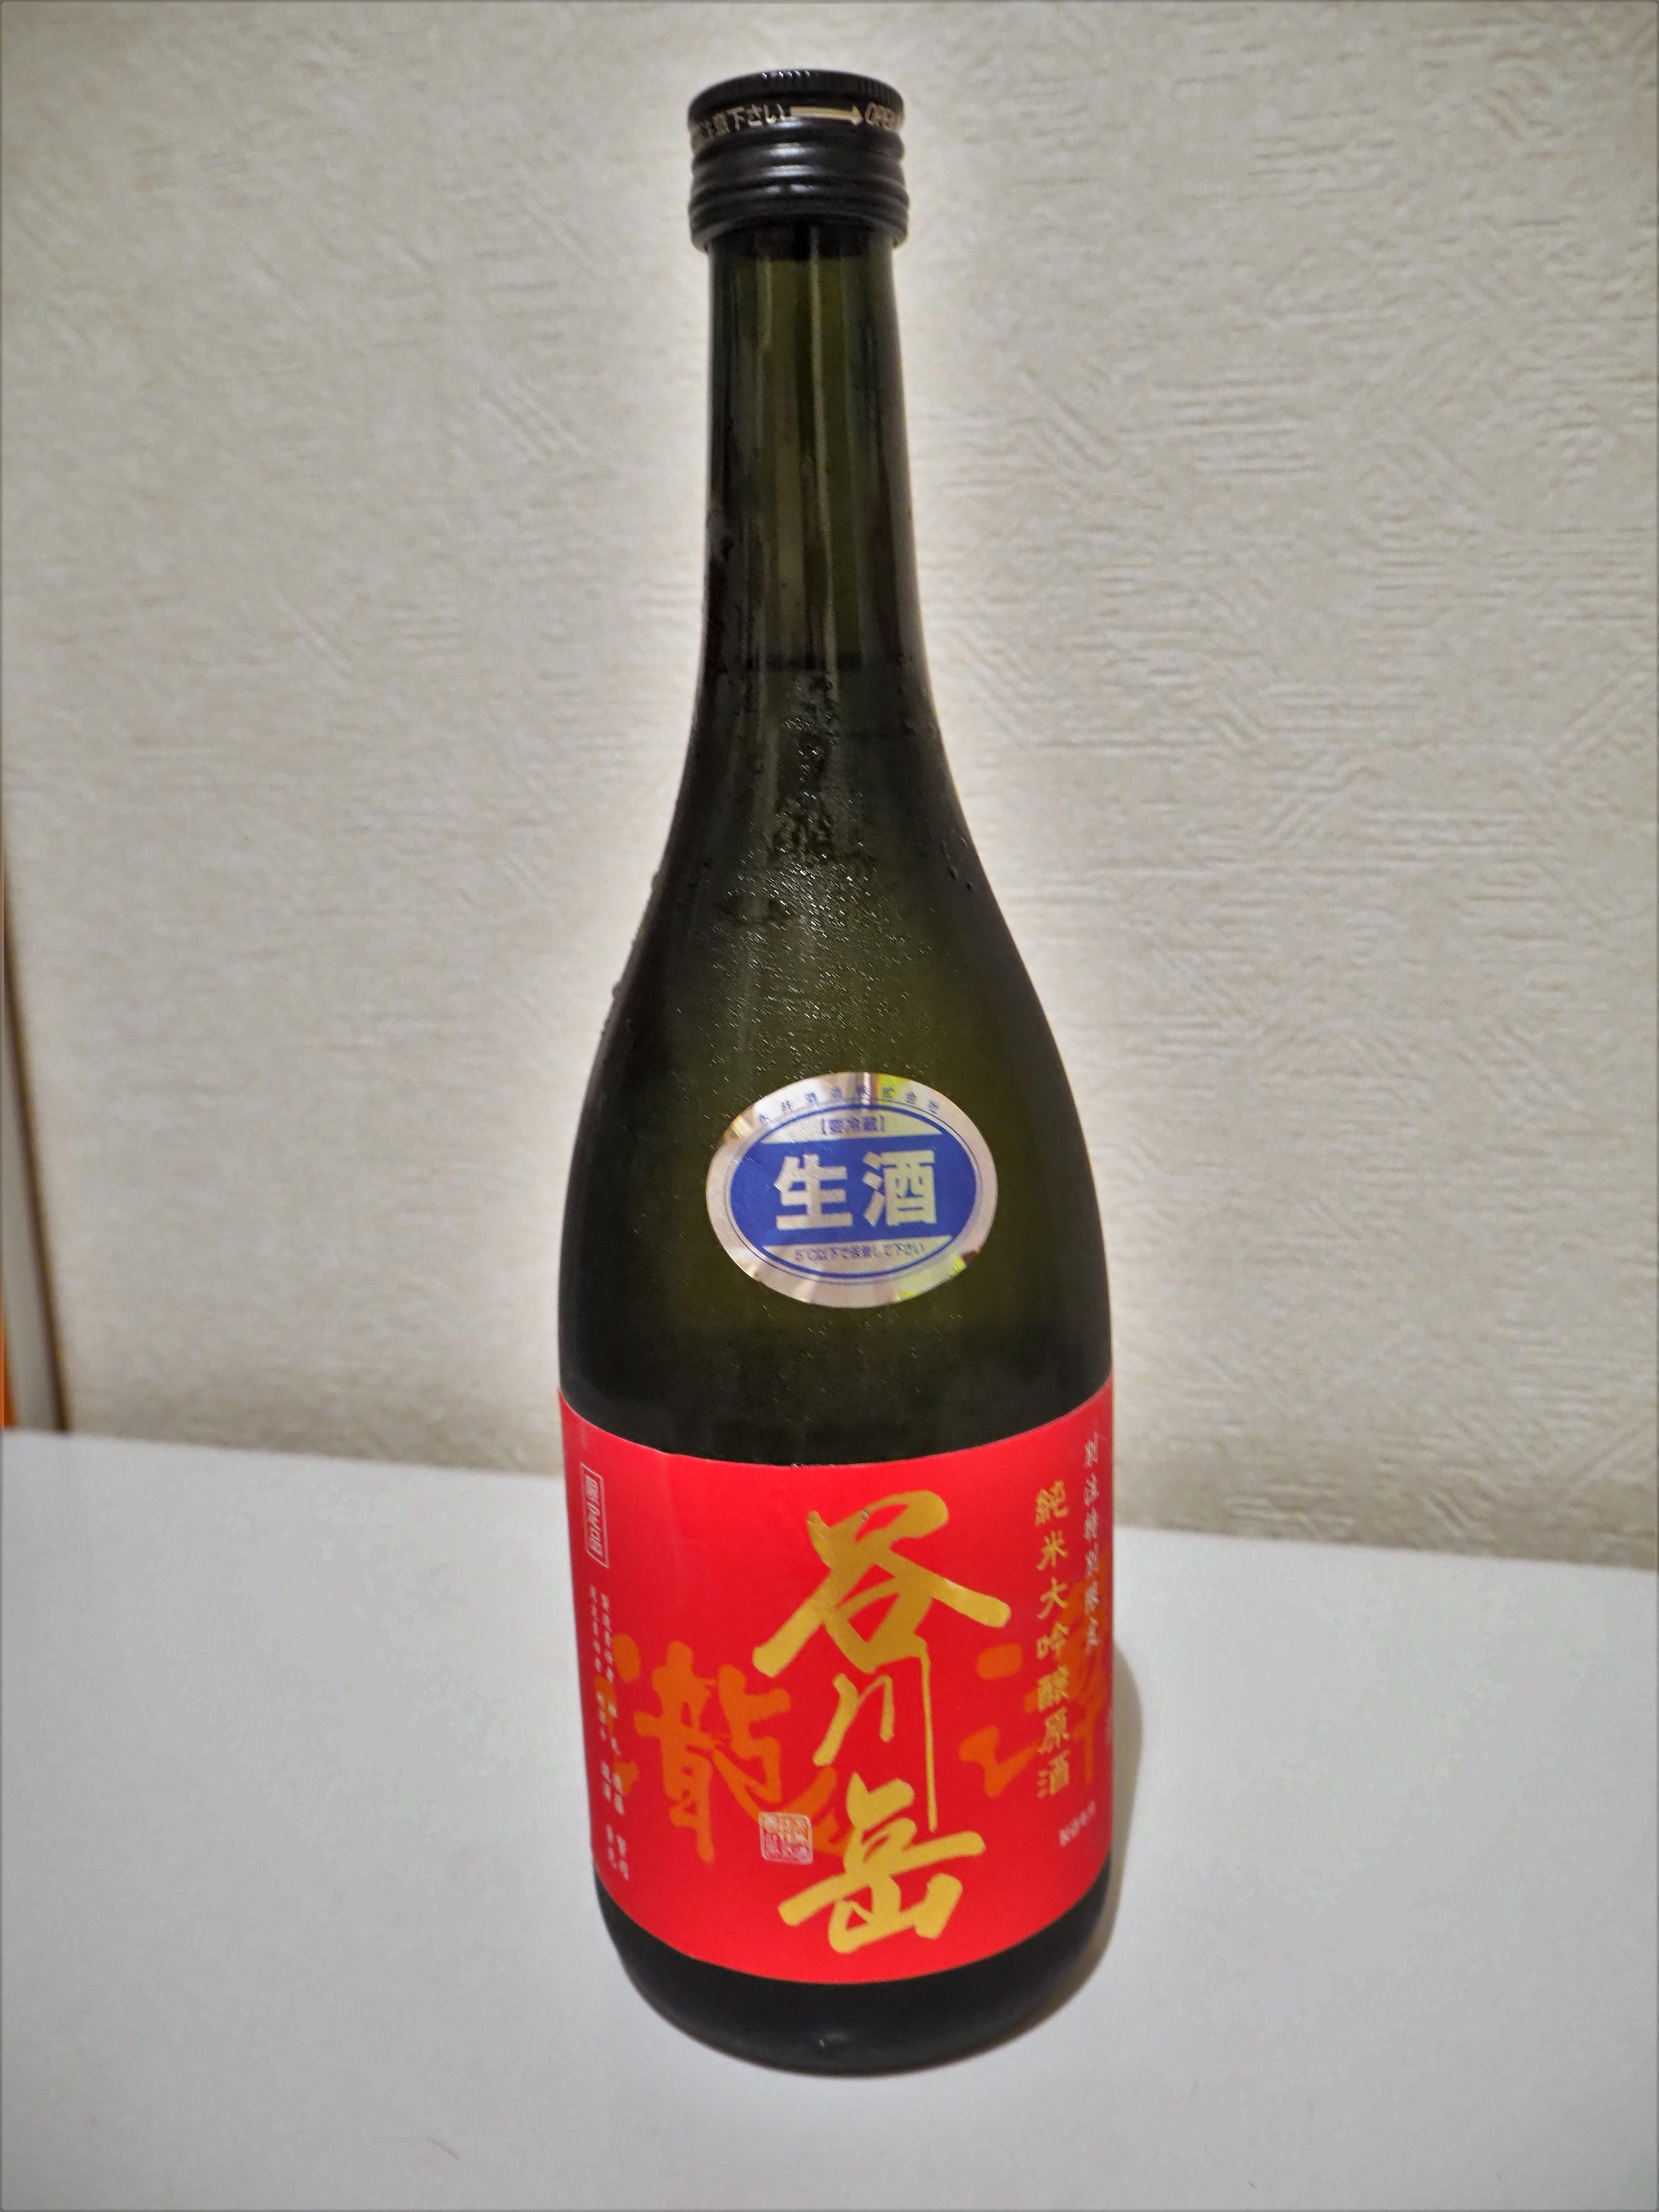 谷川岳純米 大吟醸赤ラベル